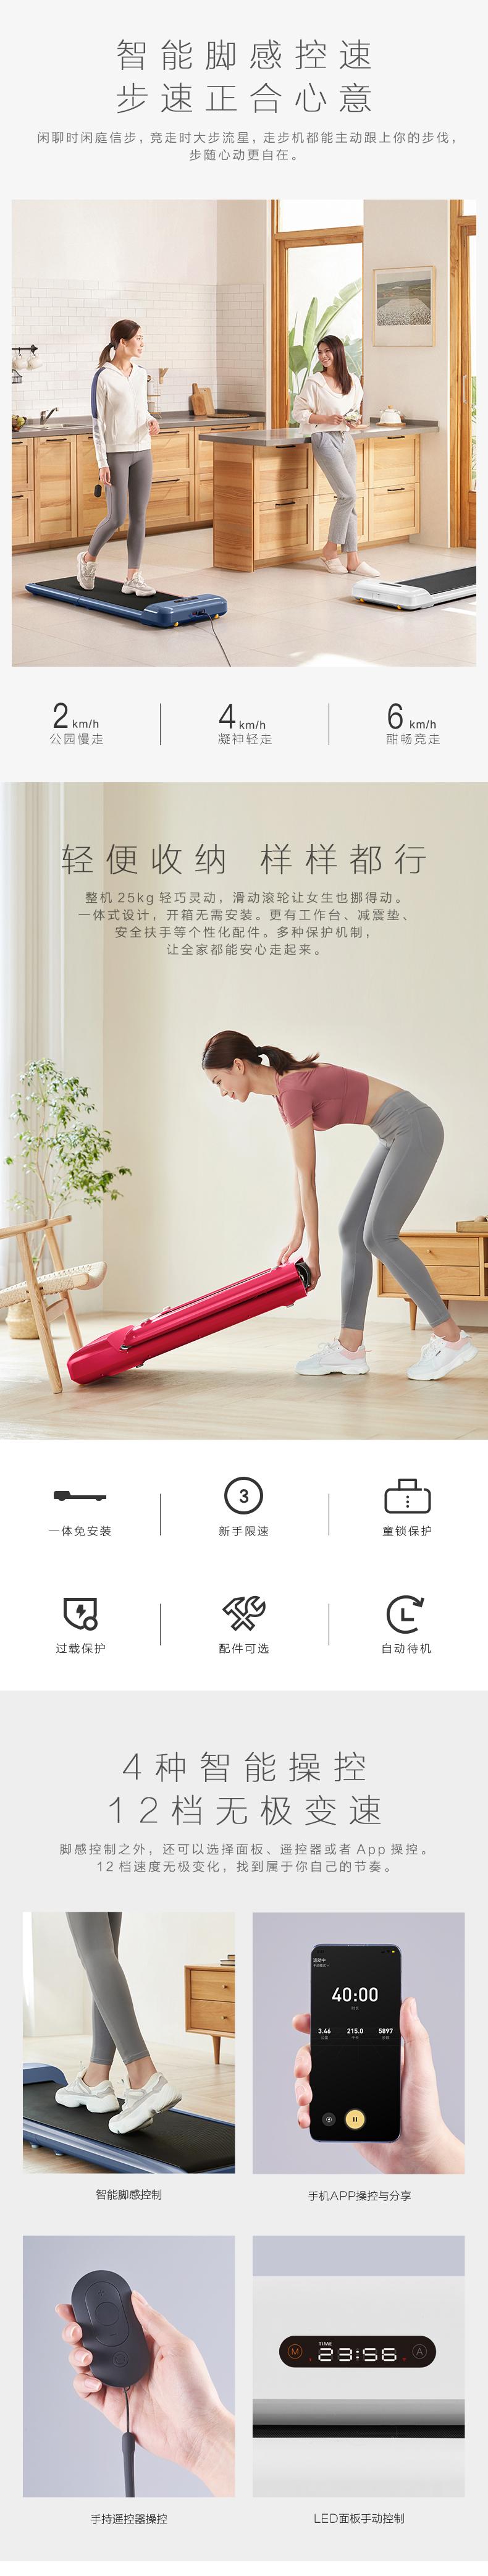 小米生态链 WalkingPad 21新款 C2 可折叠静音智能走步机 脚感/遥控/APP控制 图4